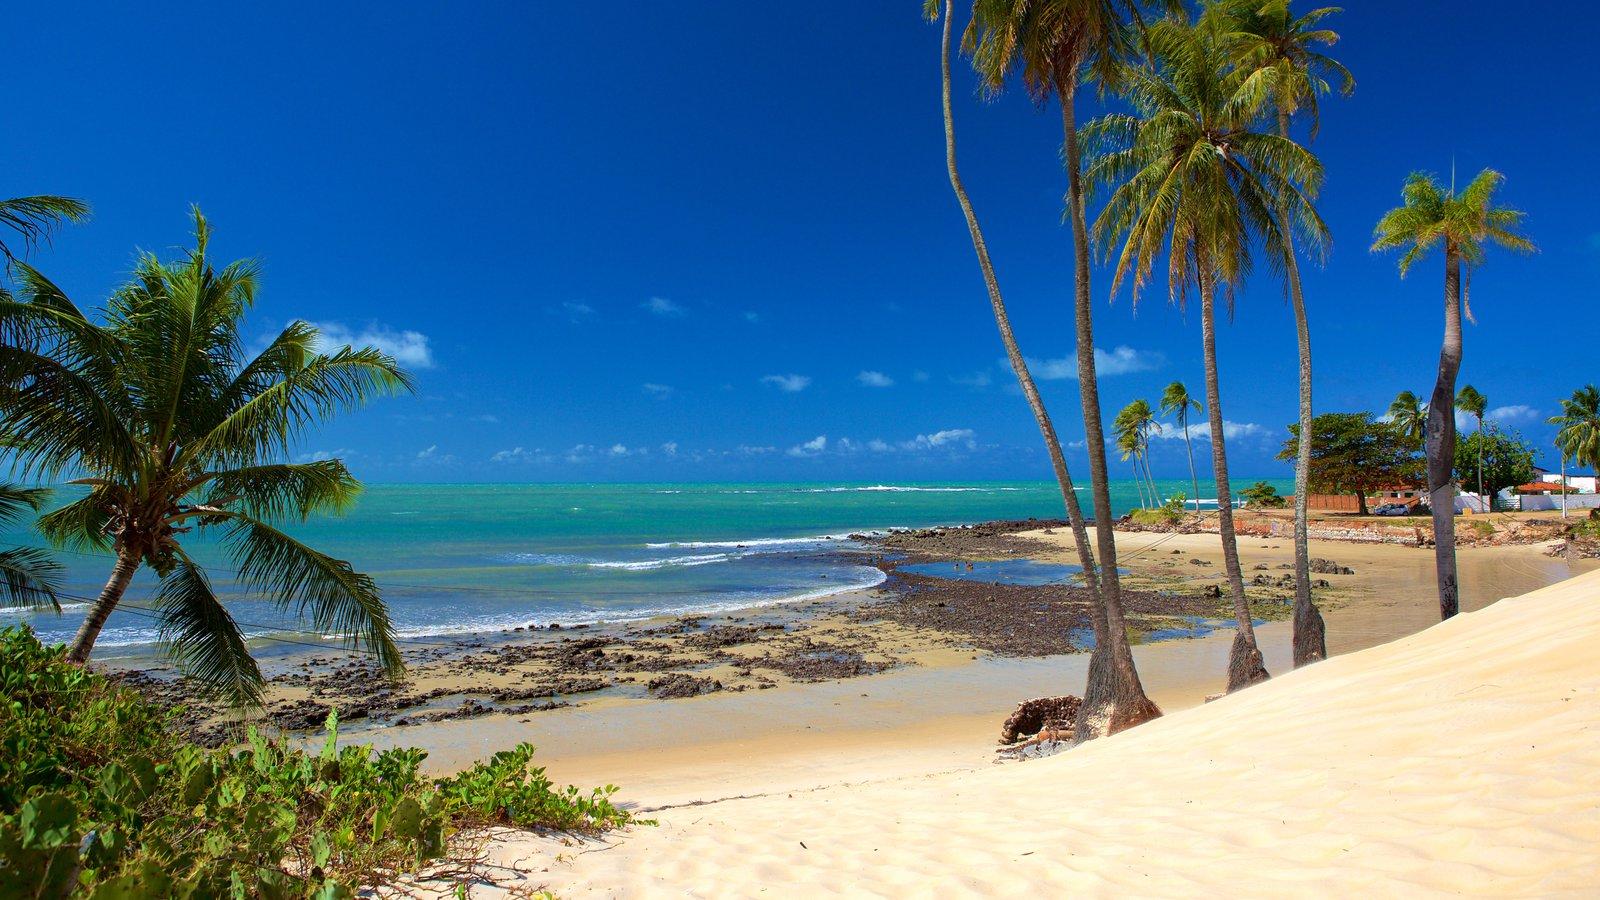 Praia de Genipabú mostrando paisagens litorâneas, uma praia e cenas tropicais